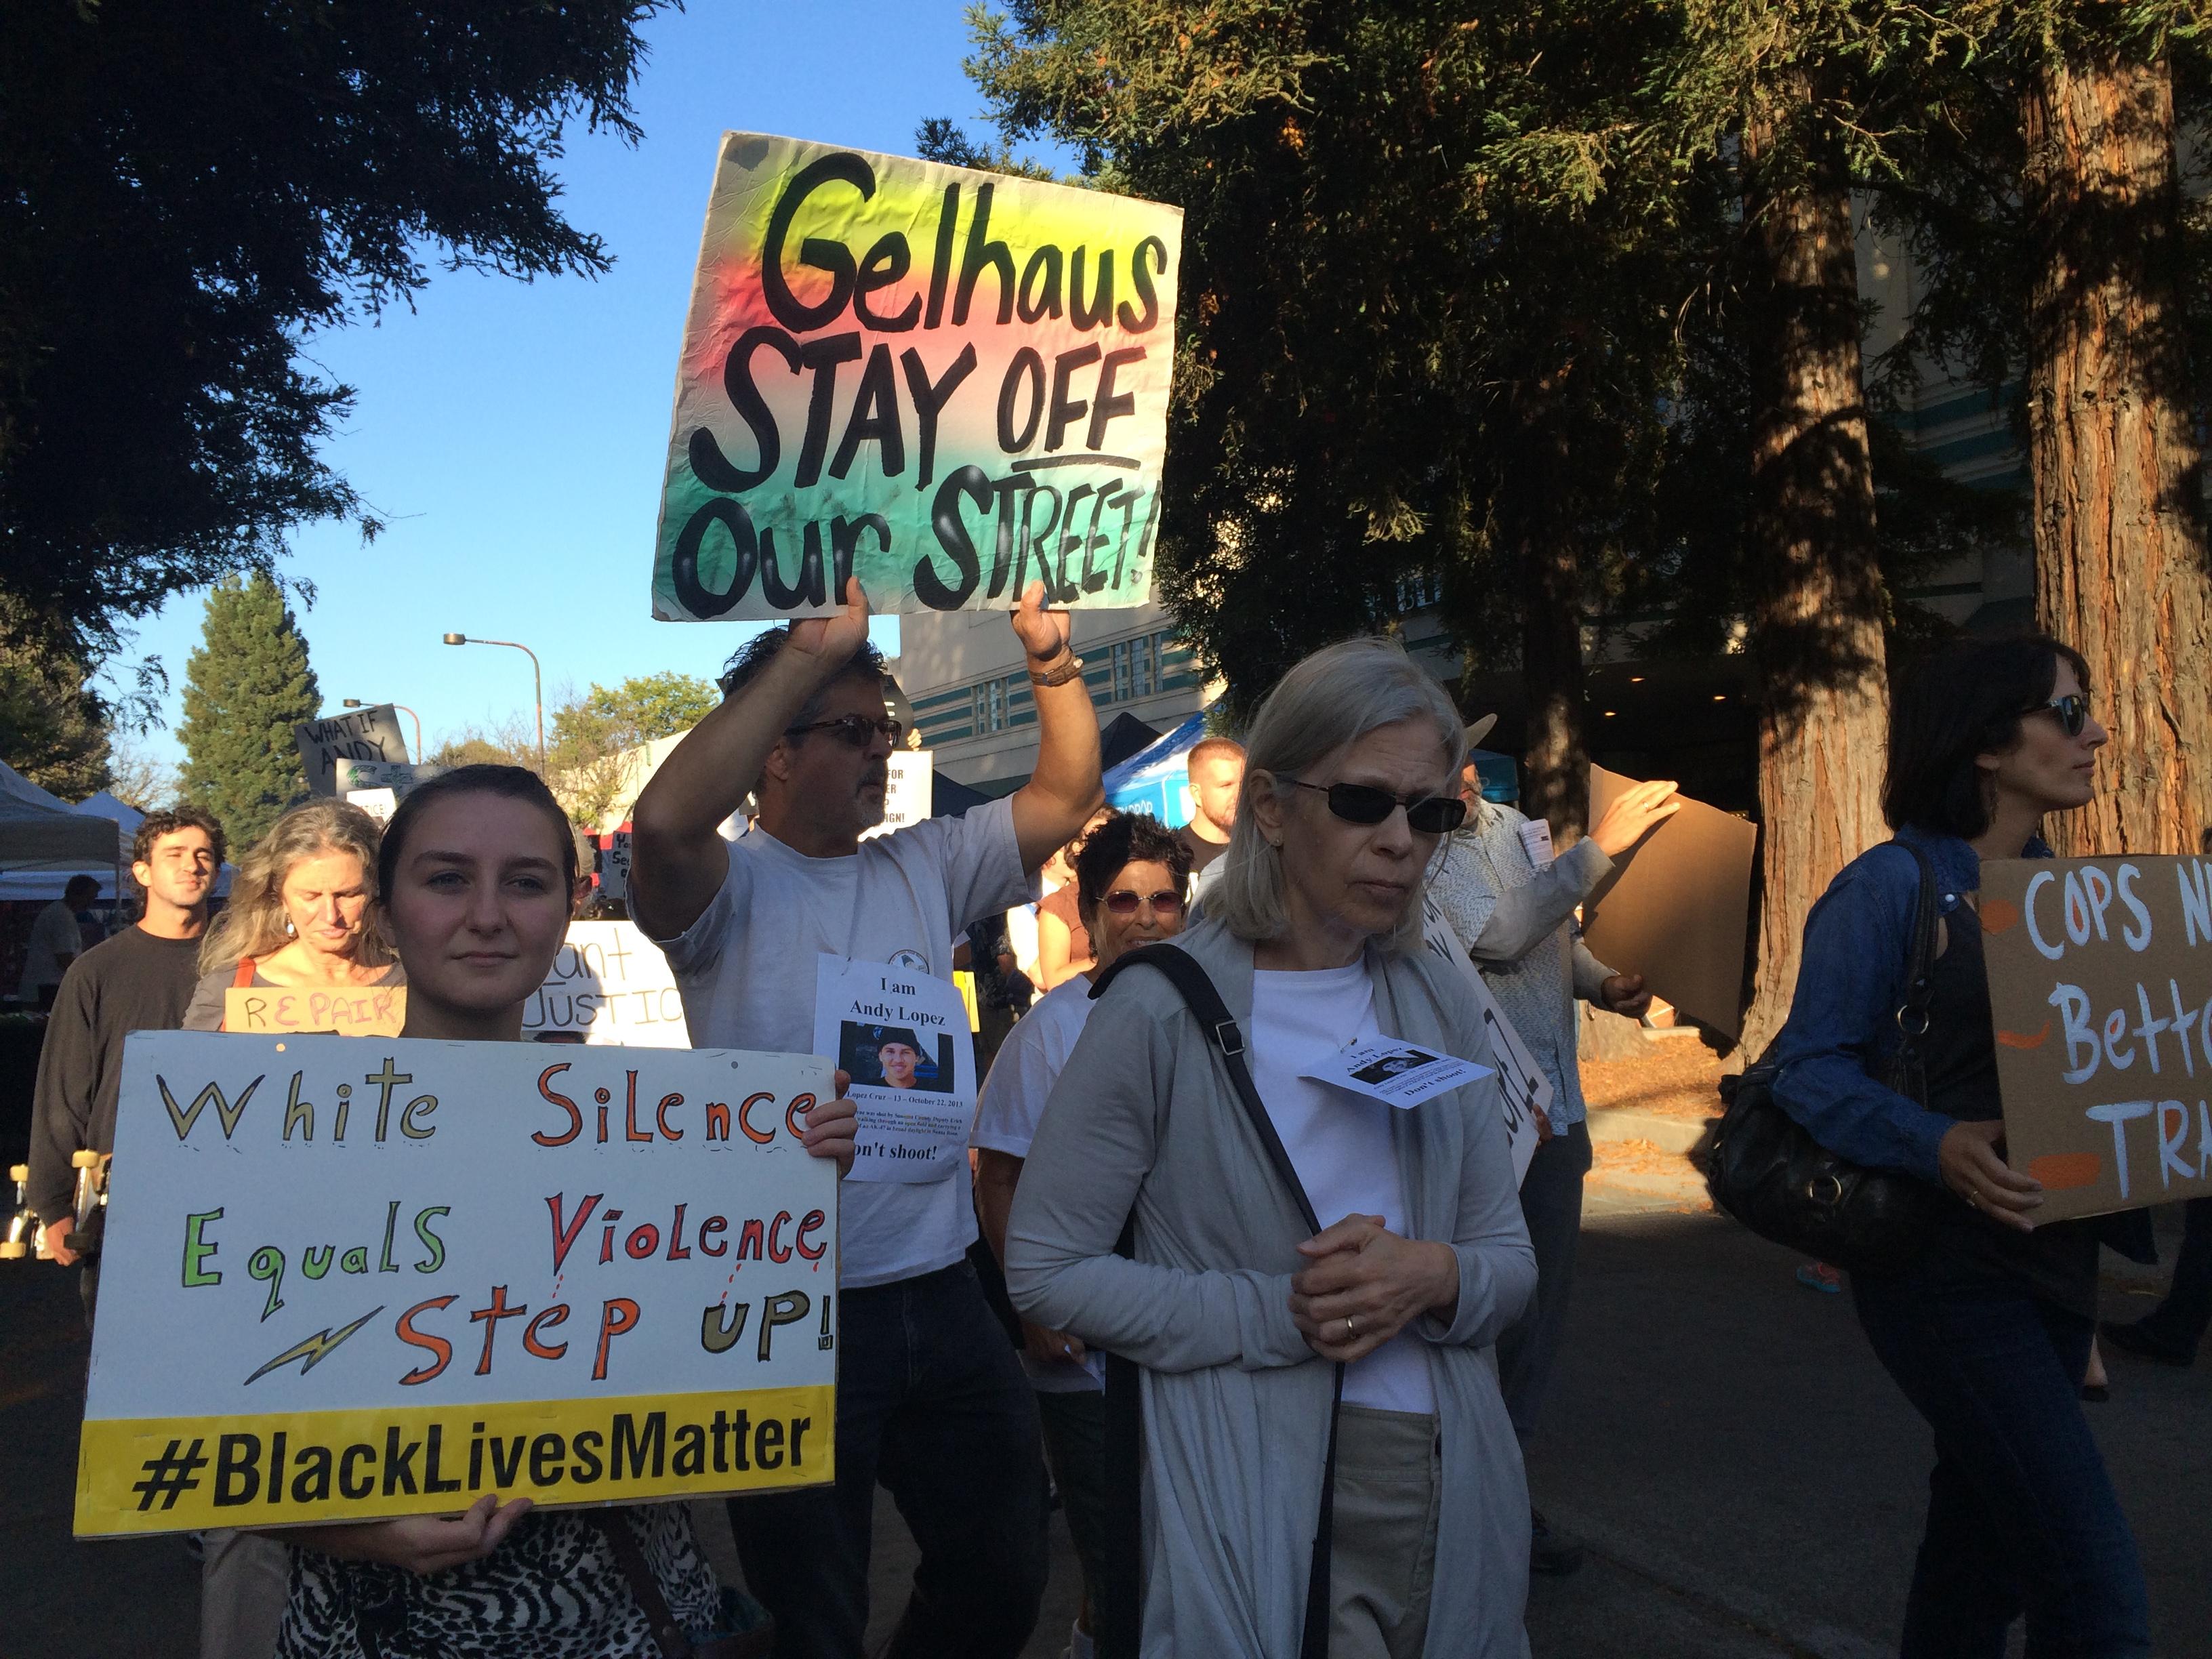 Manifestantes se reúnen en Santa Rosa después de saber del ascenso de Erick Gelhaus al puesto de sargento. Foto: Farida Jhabvala Romero/KQED.